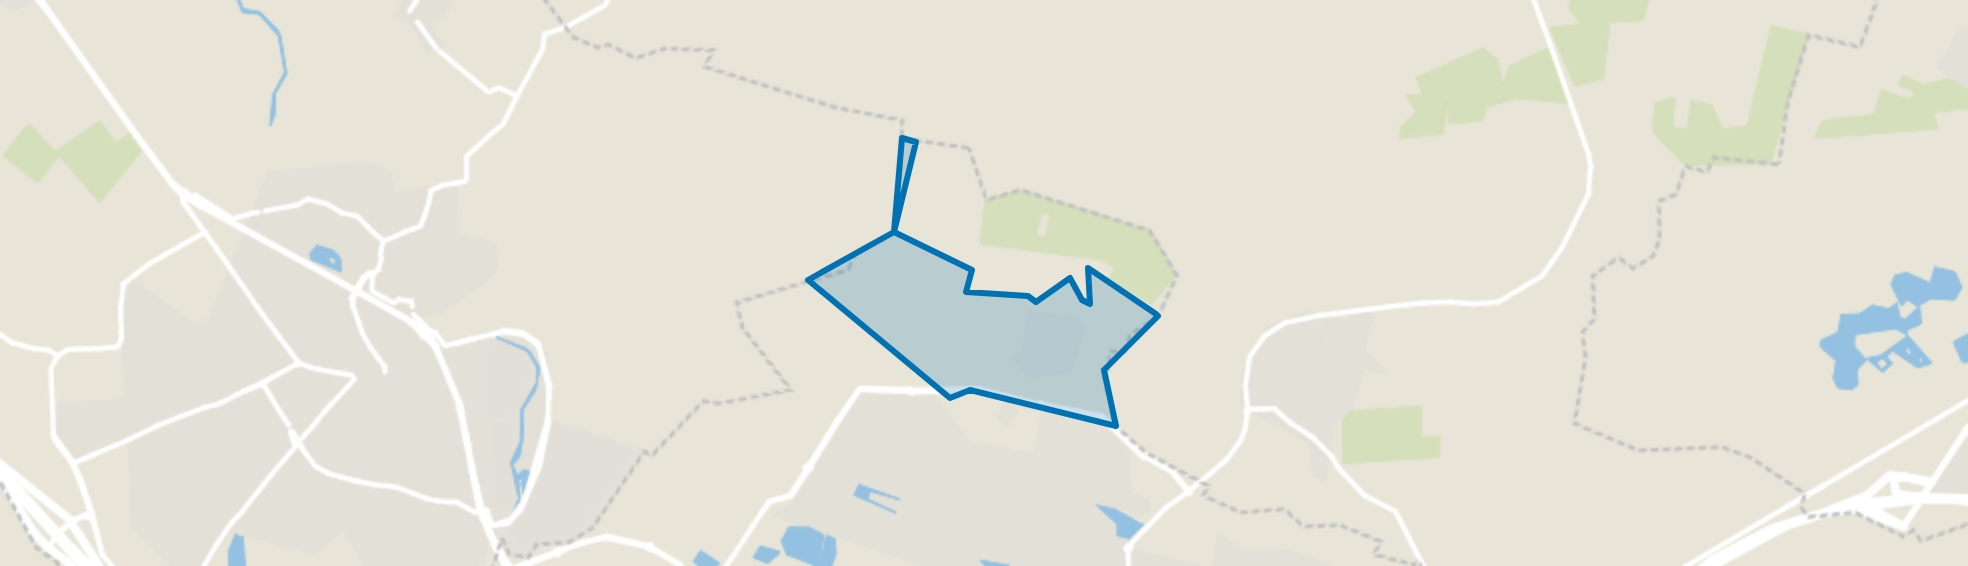 Dalmeden, Hengelo (OV) map